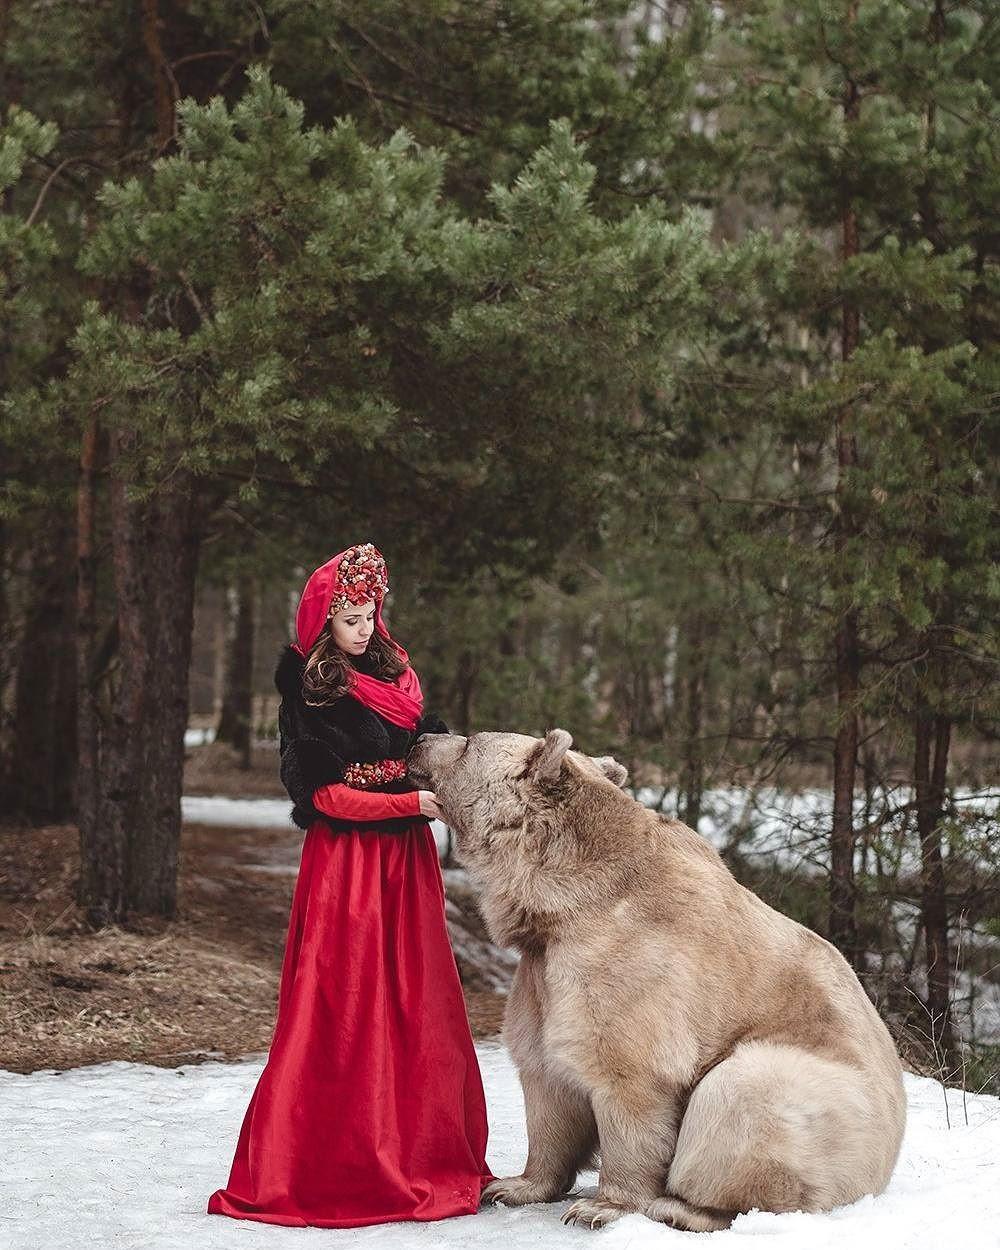 Фото людей и животных от Ольги Баранцевой